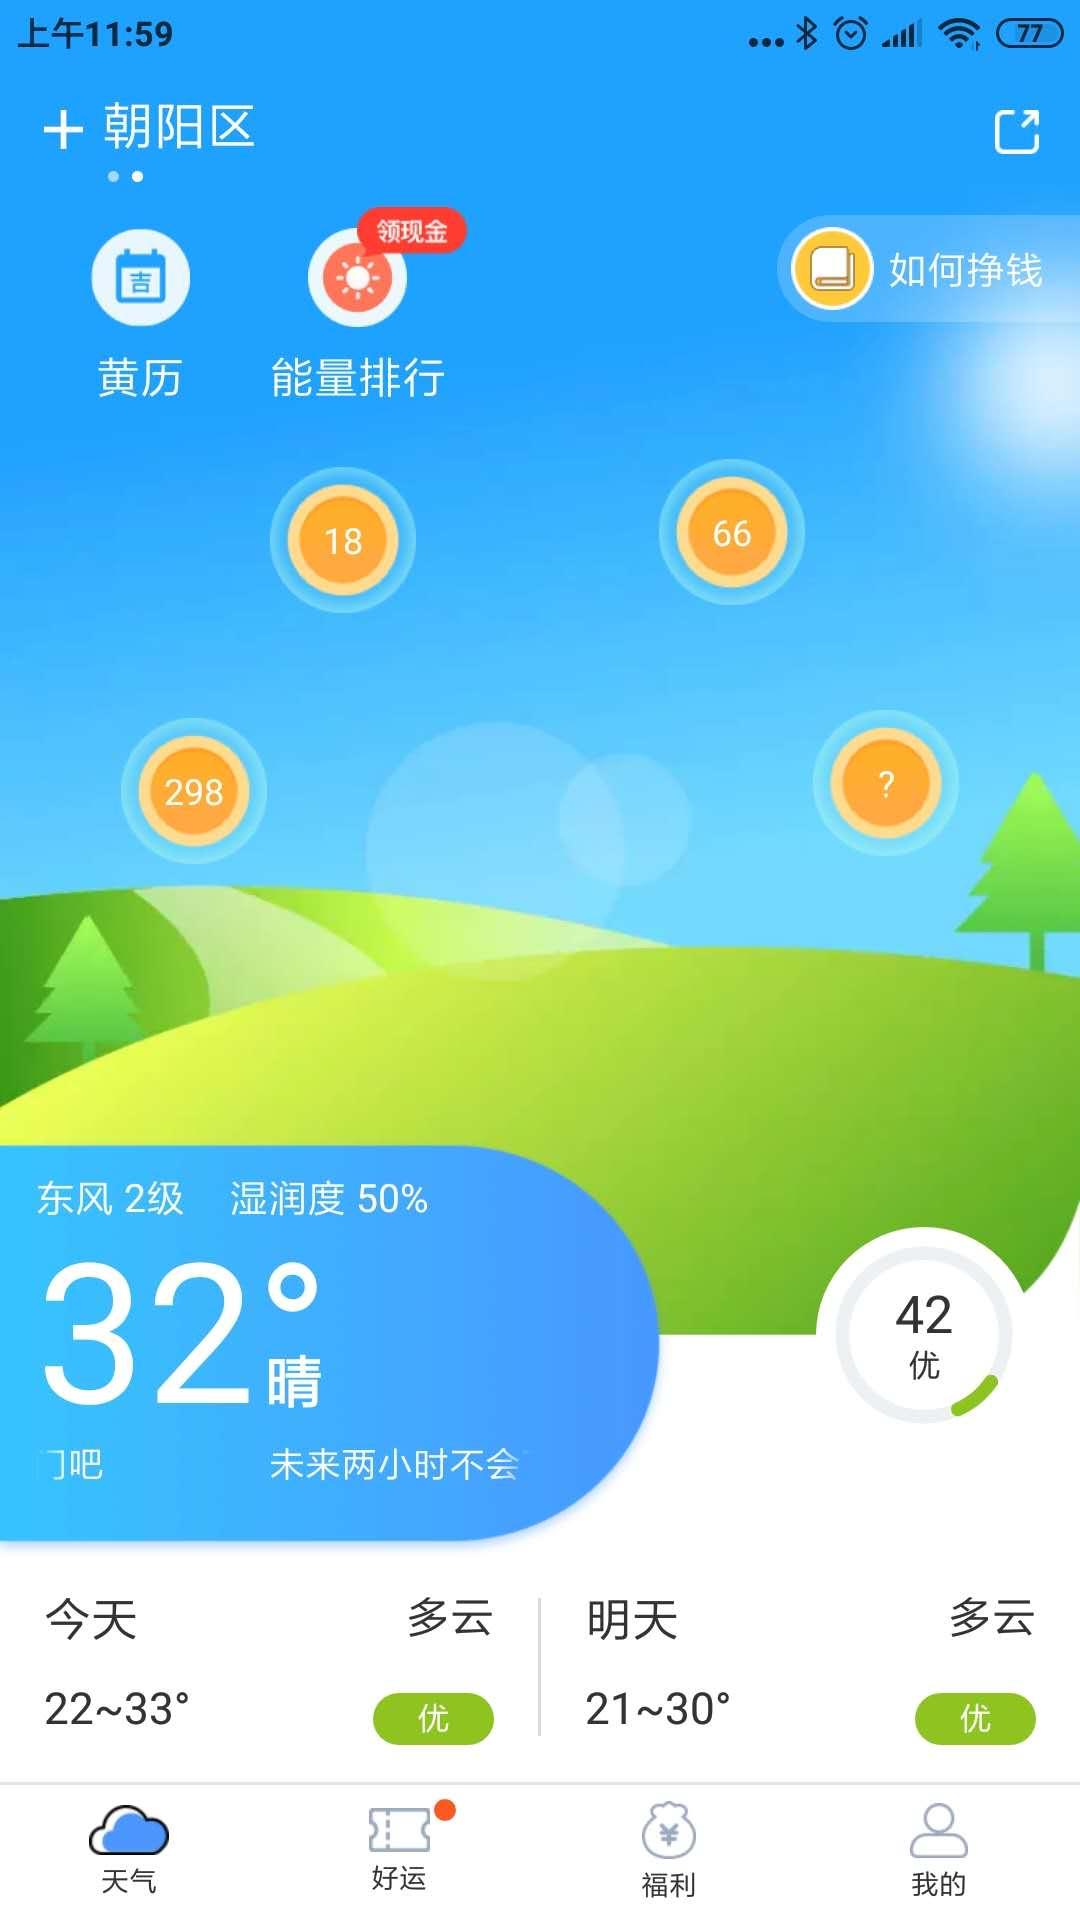 如意天气APP苹果版下载